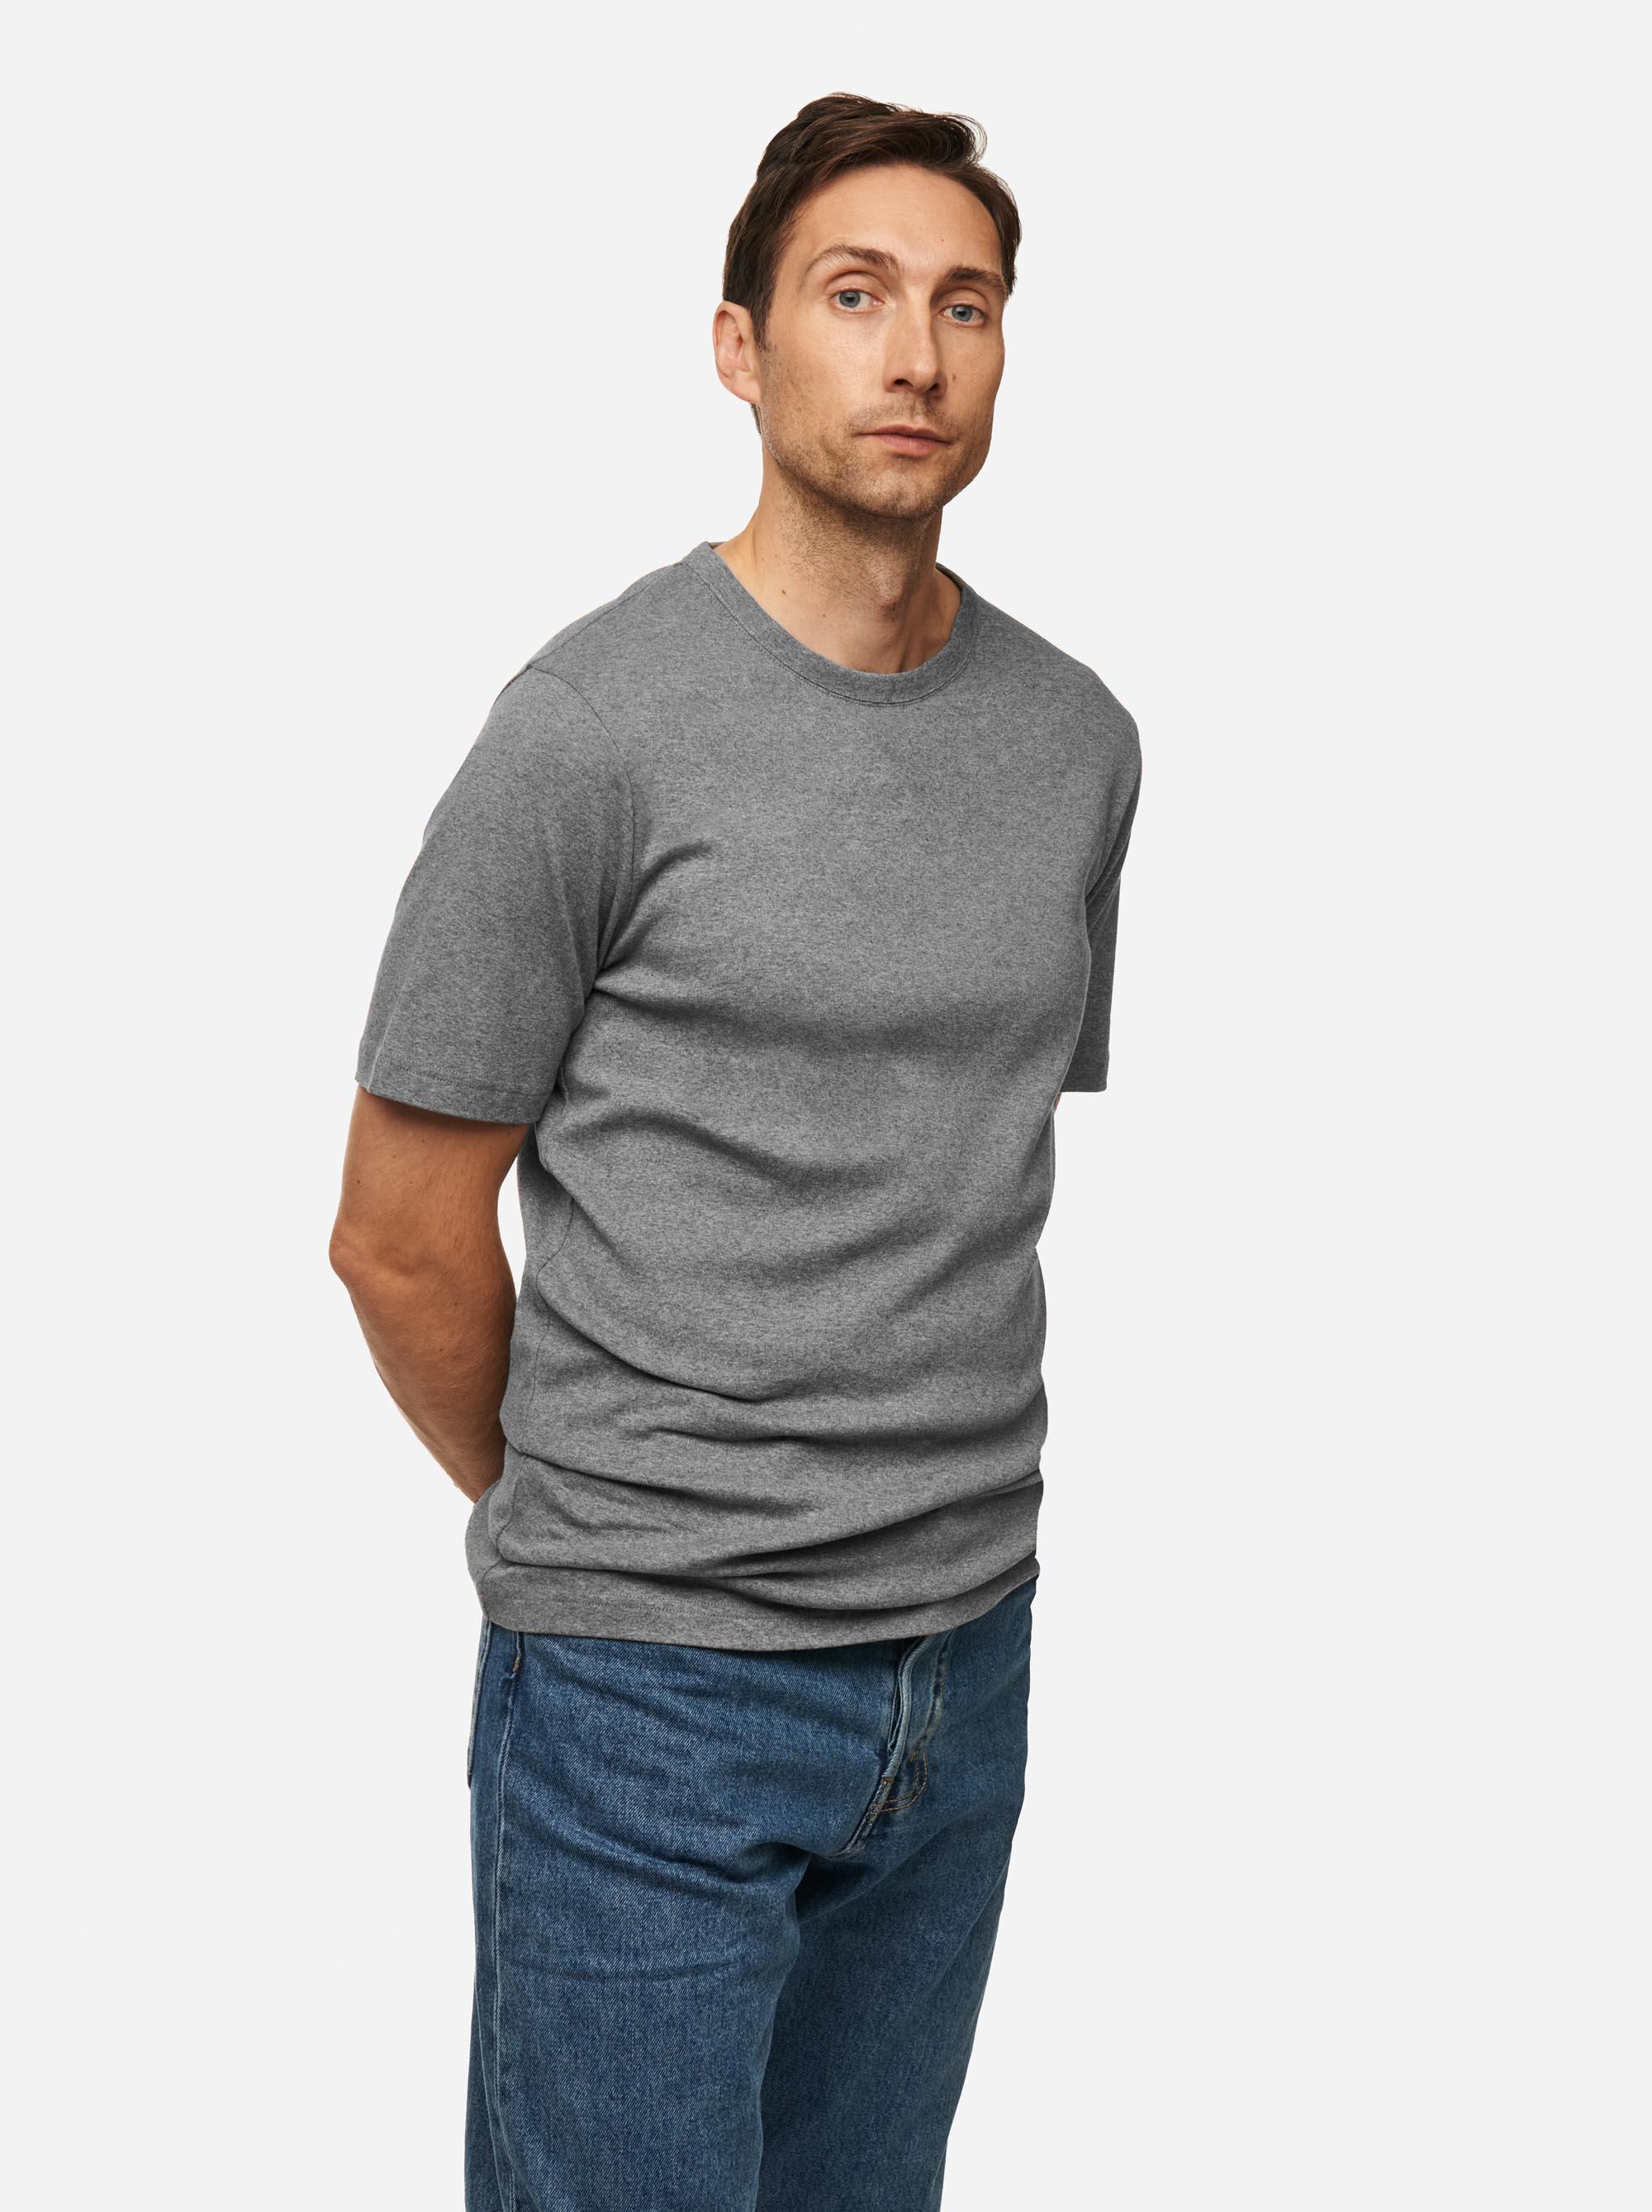 Teym - The T-Shirt - Men - Melange grey - 2B